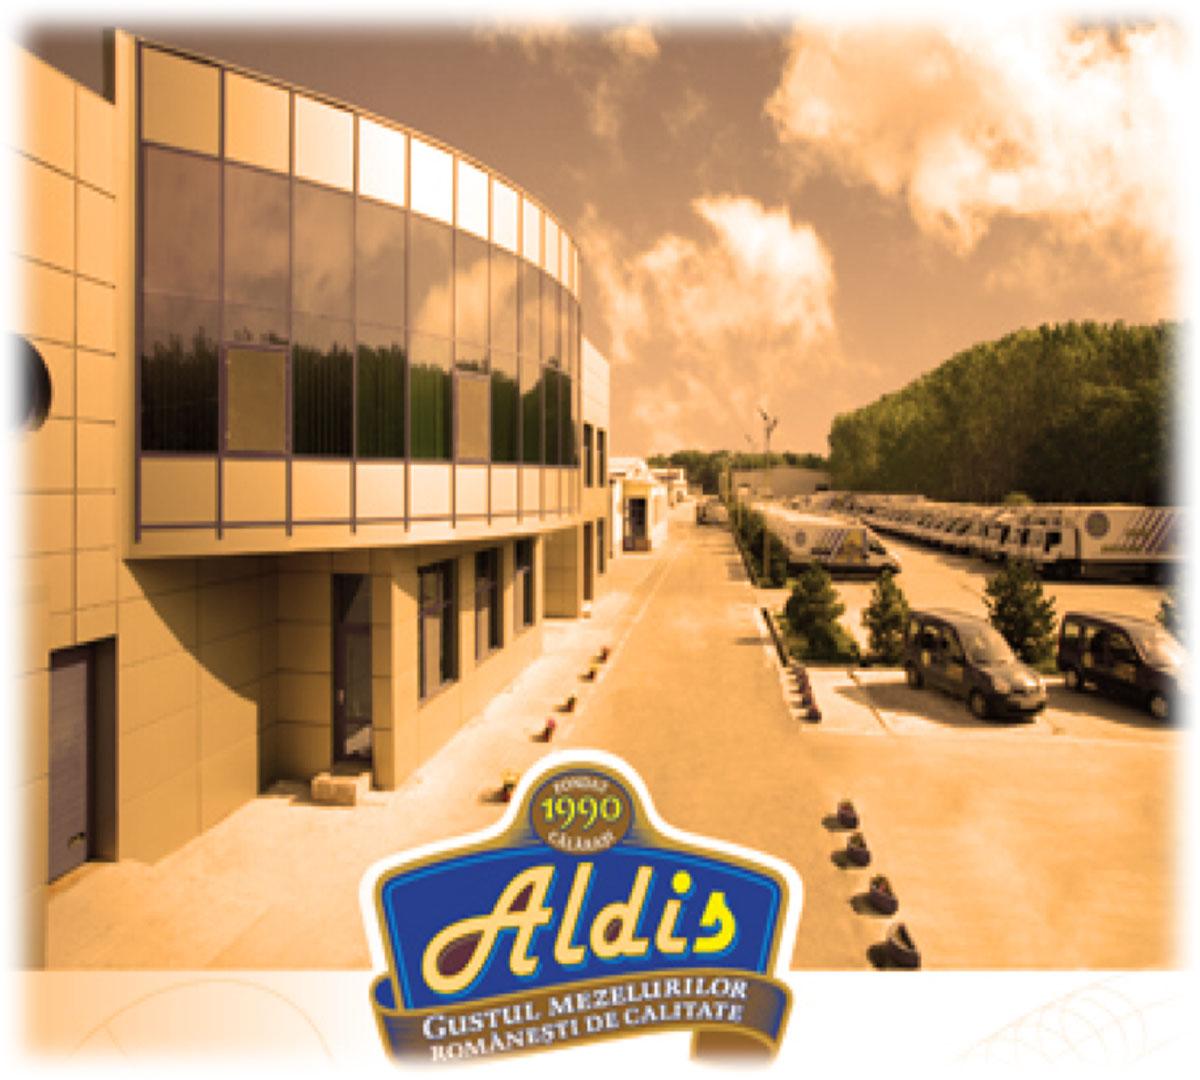 Scurtă istorie Aldis